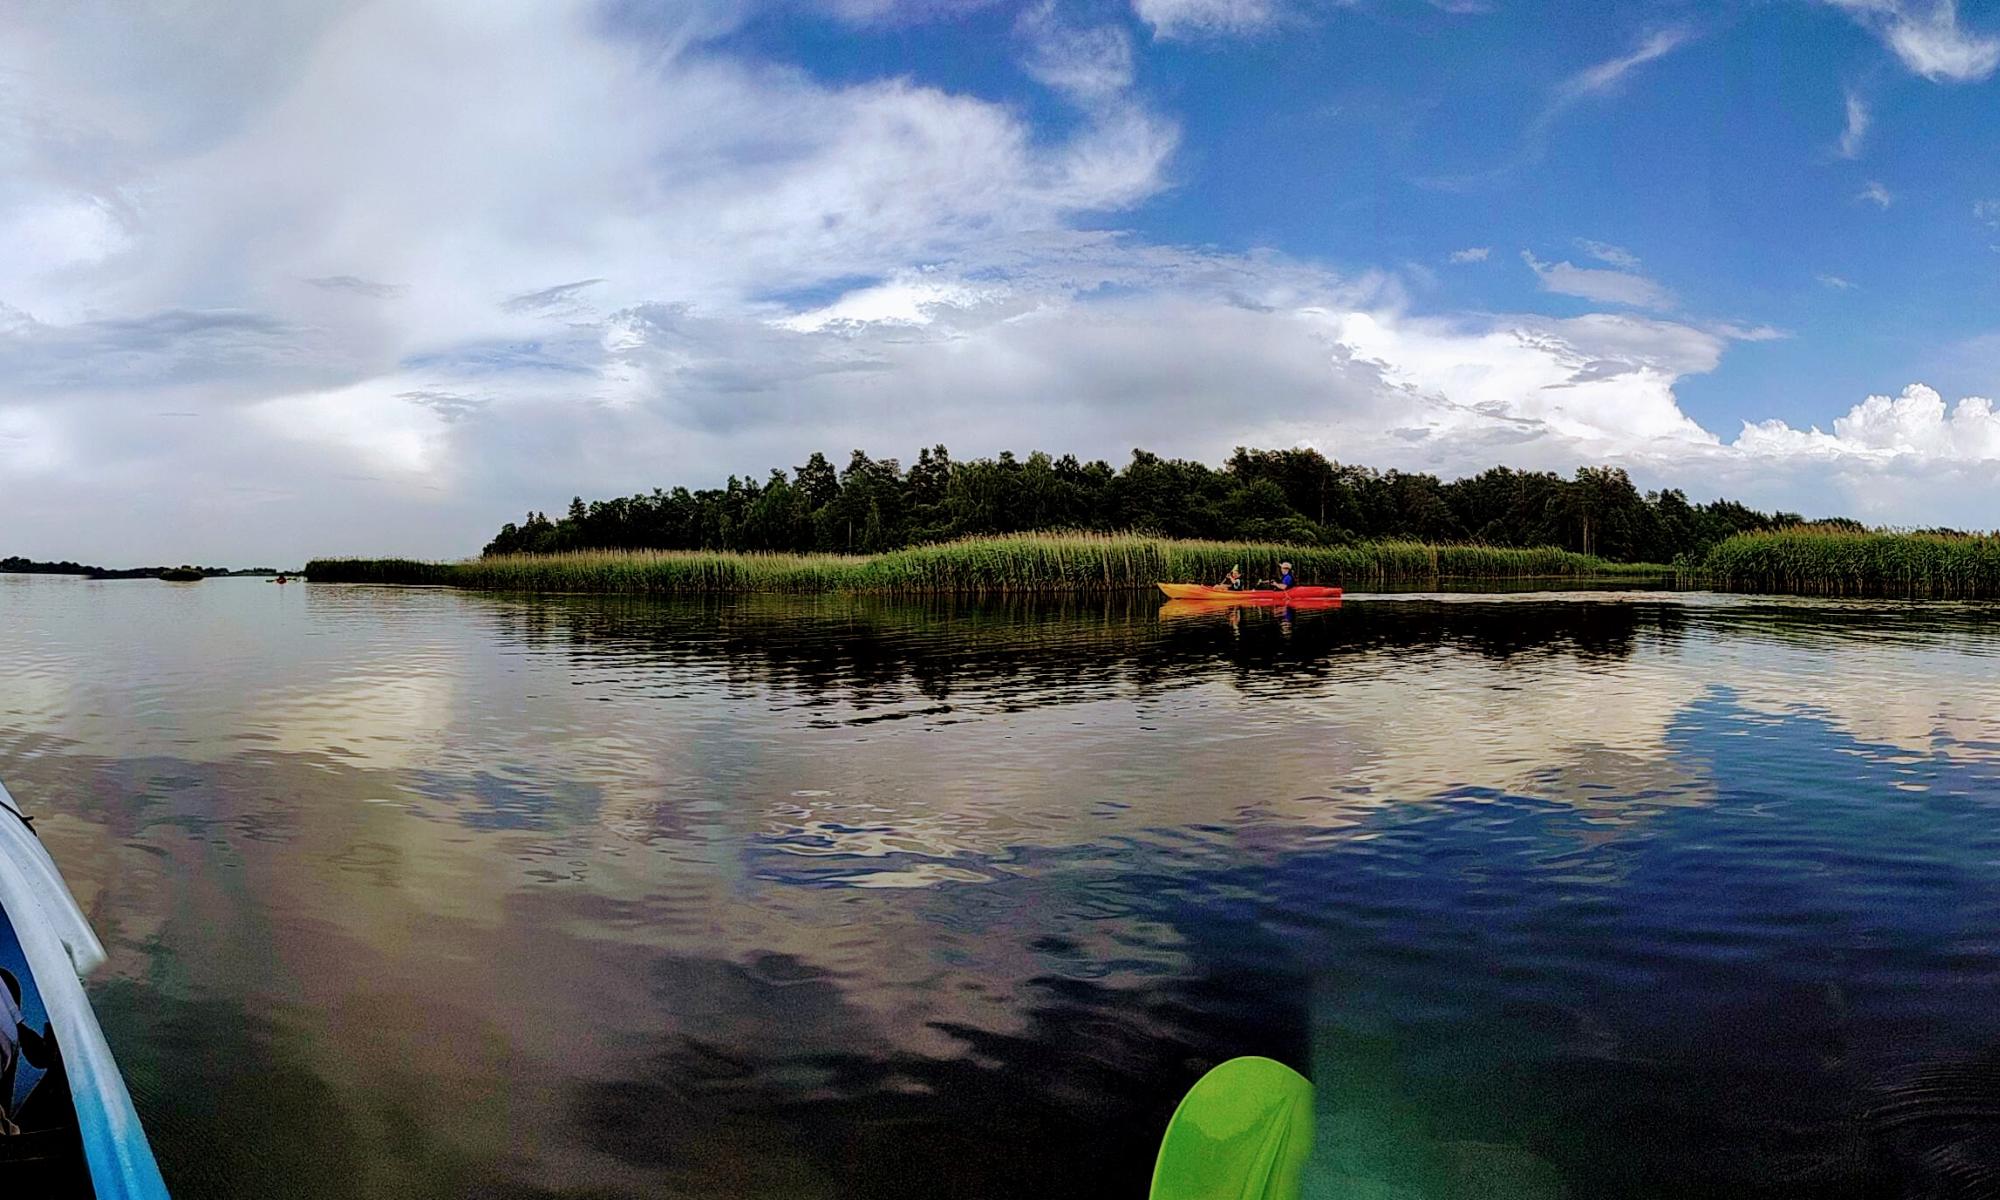 LubKajaki.pl - spływy kajakowe Wieprzem / 737 137 097